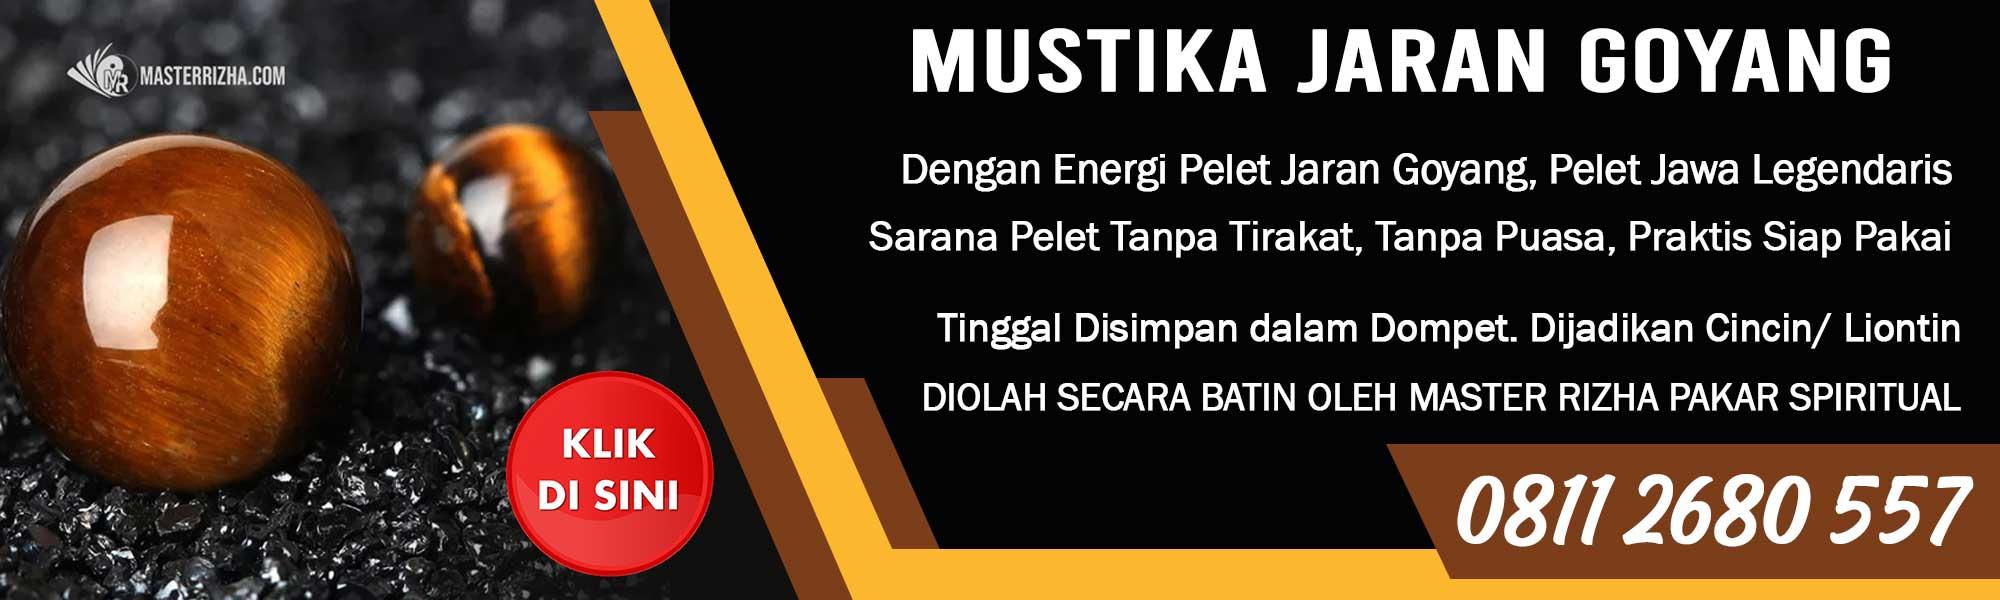 Mustika Jaran Goyang